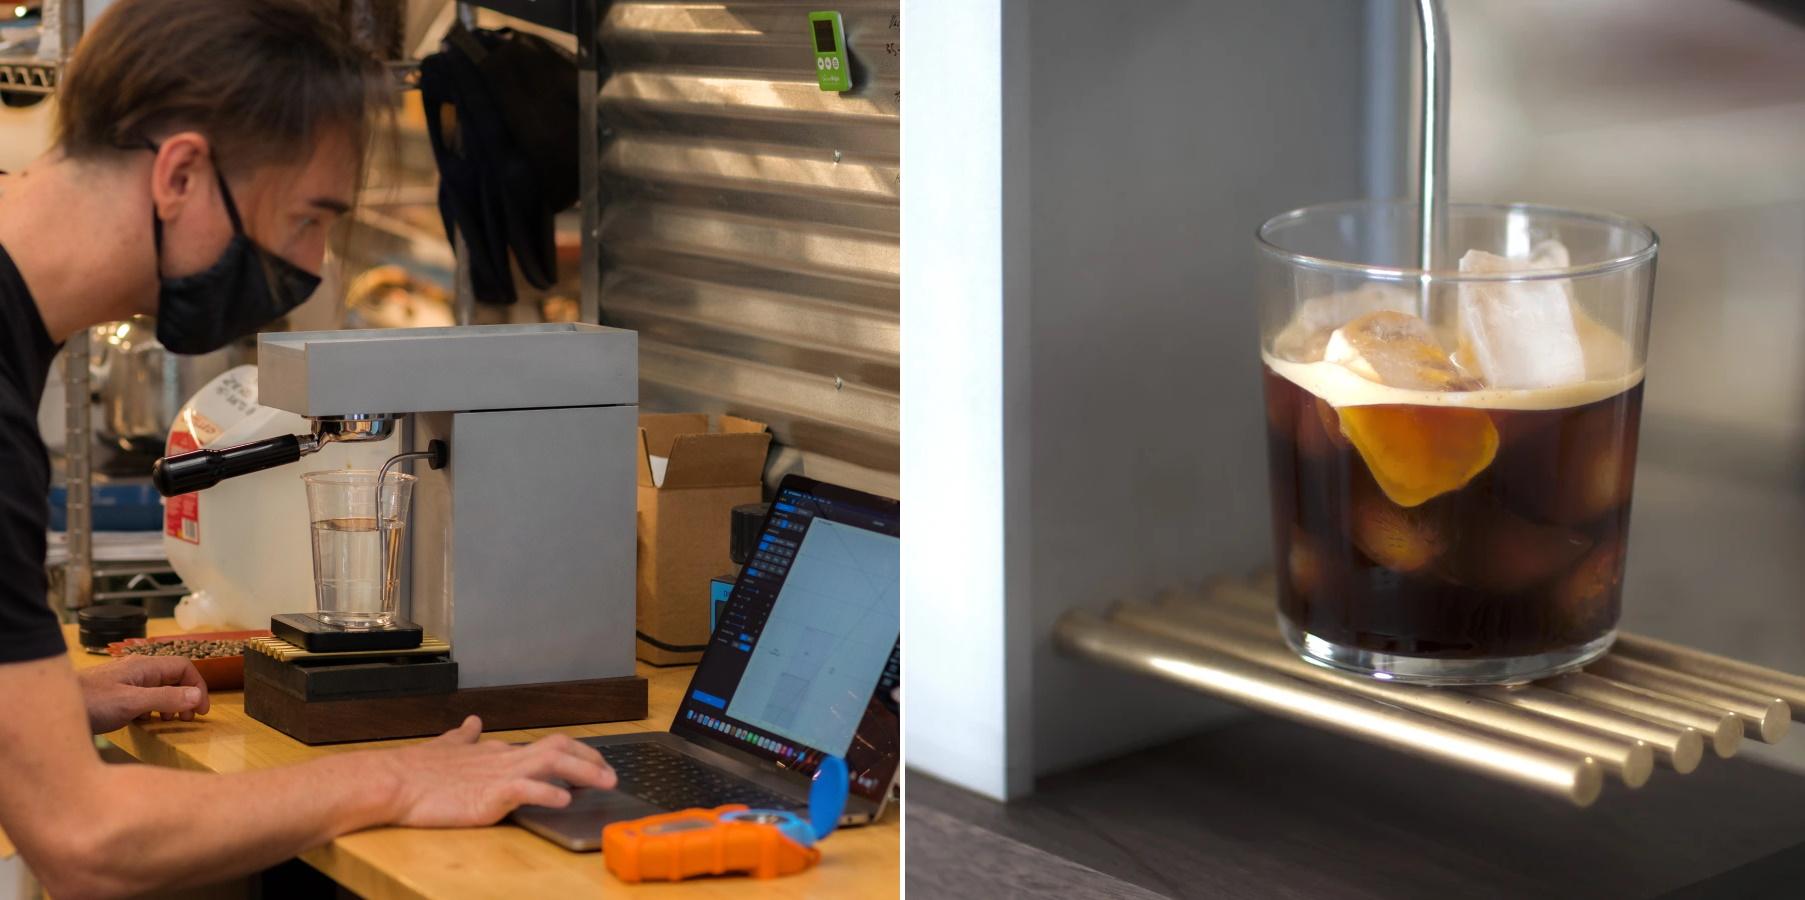 Osma高科技速溶冷萃咖啡可以永远改变夏季咖啡